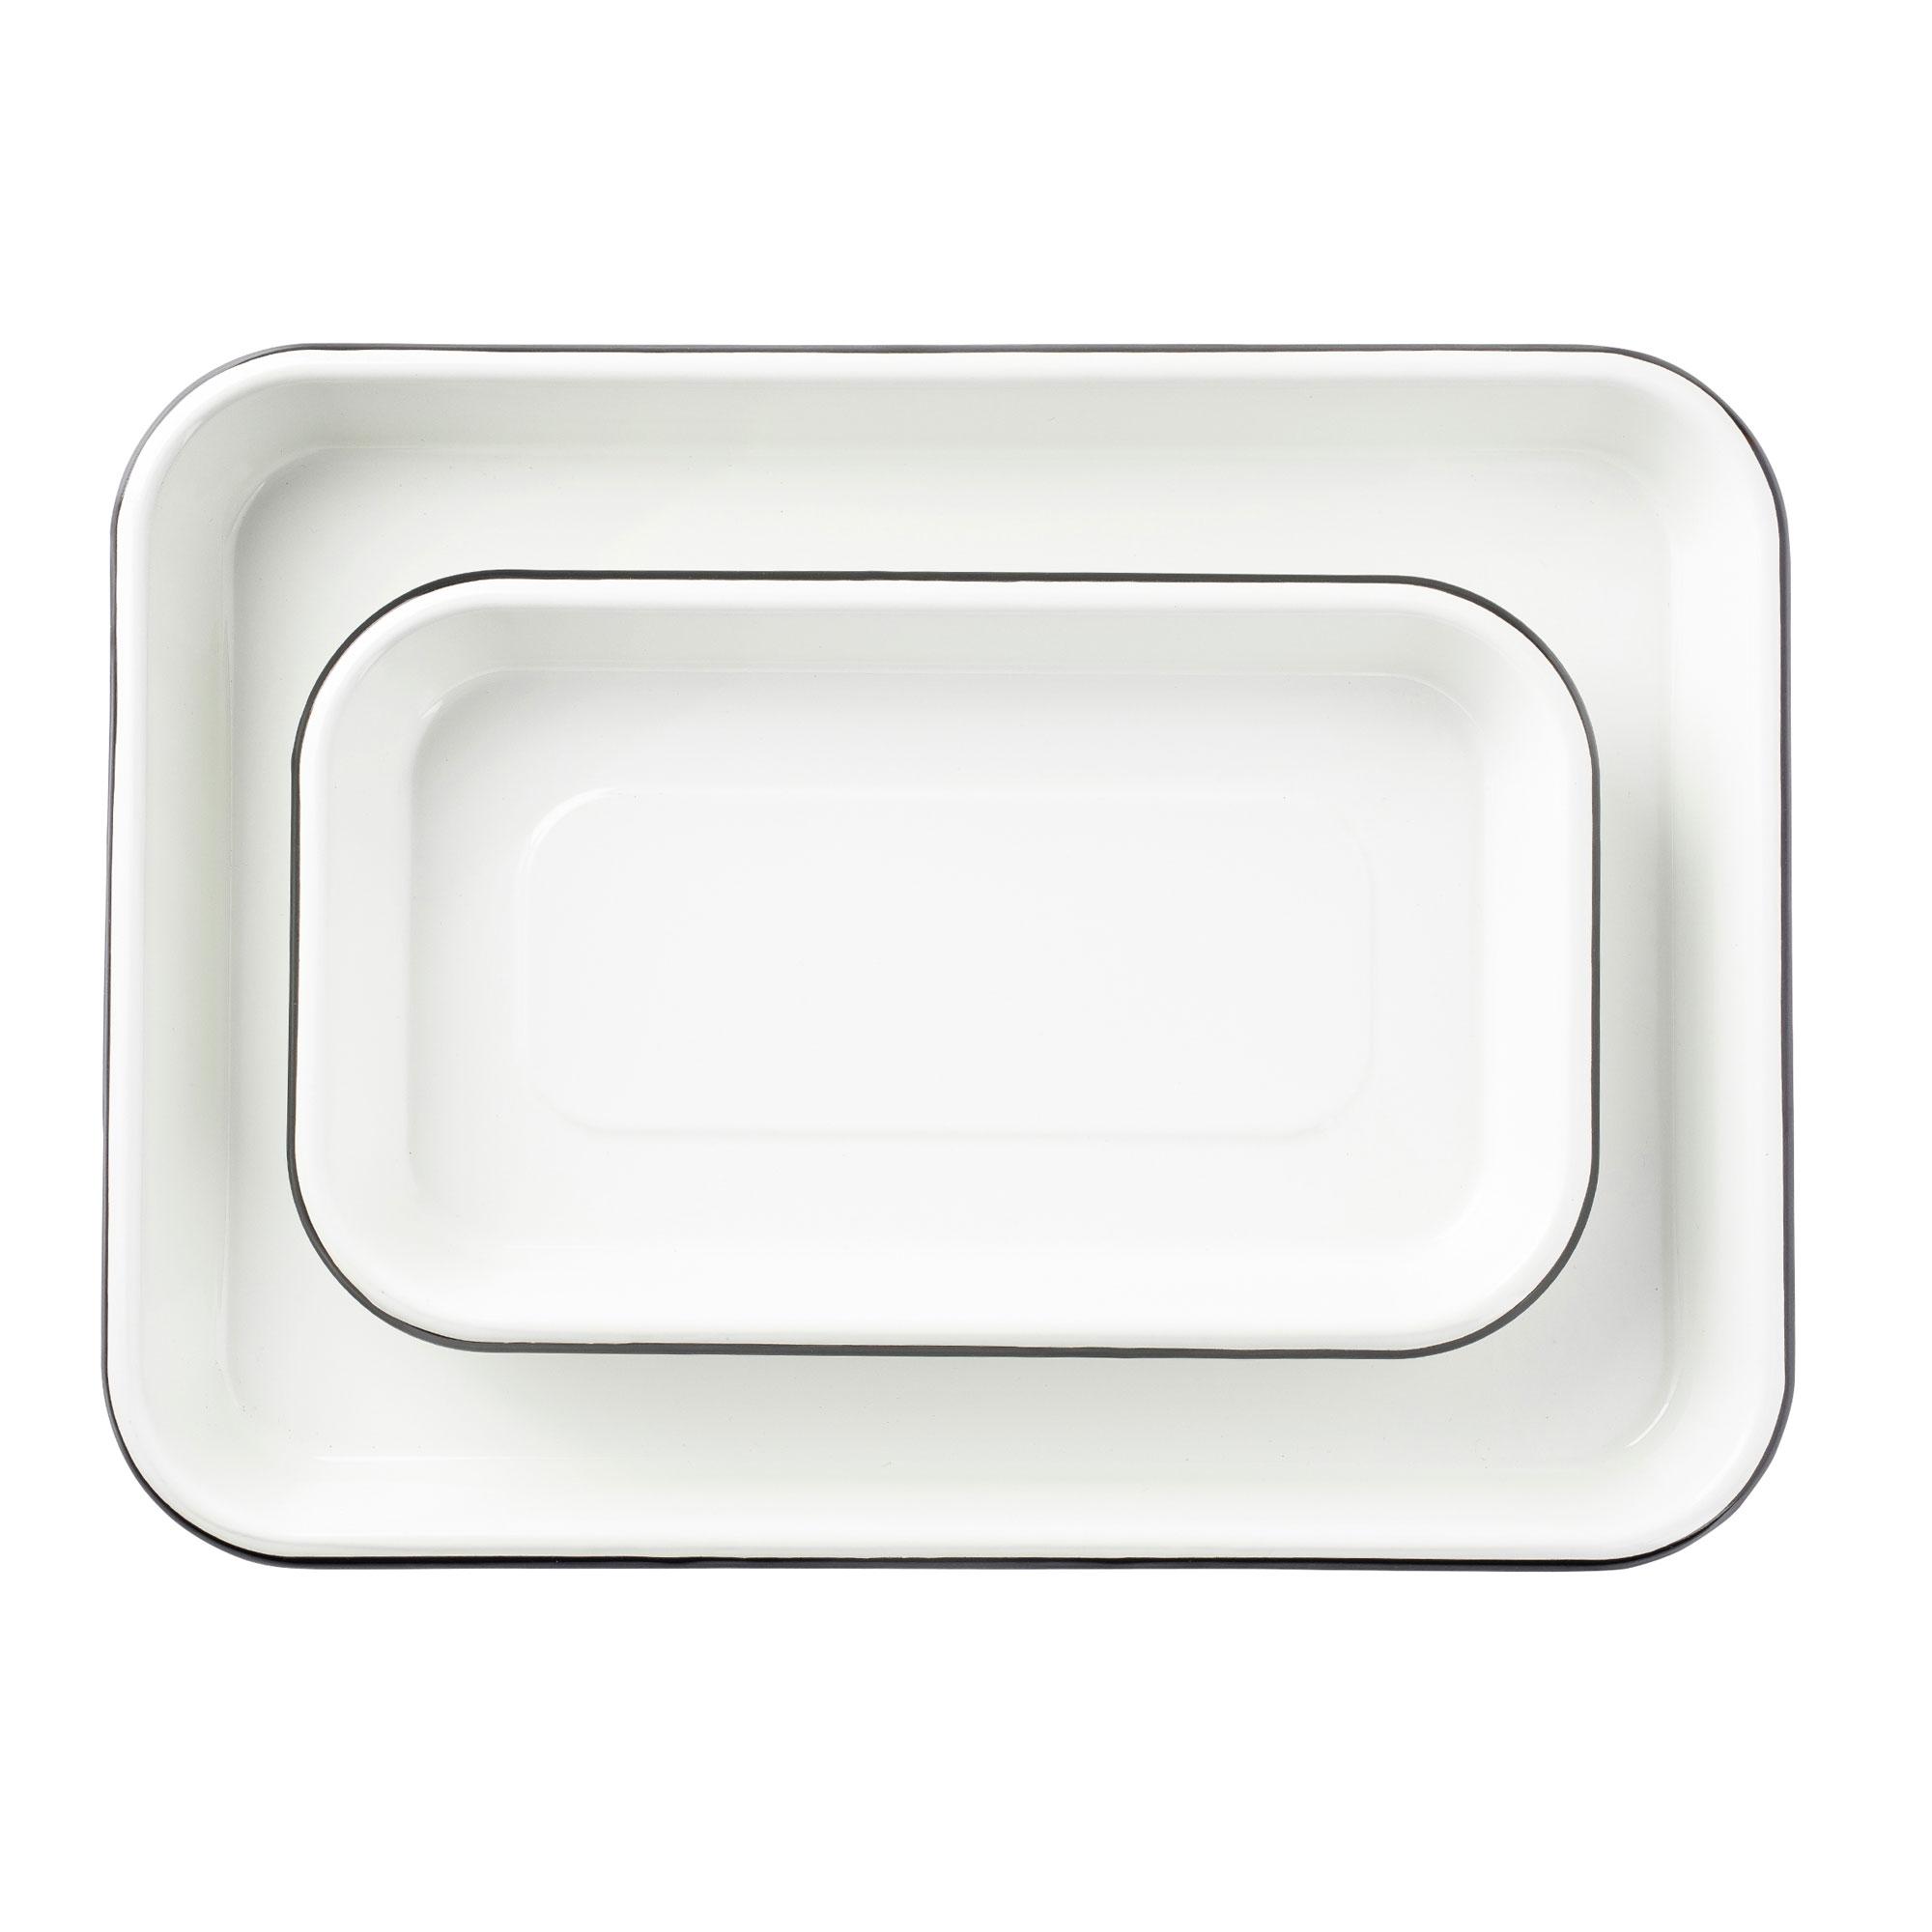 enamelware sheet pan servers from TableCraft